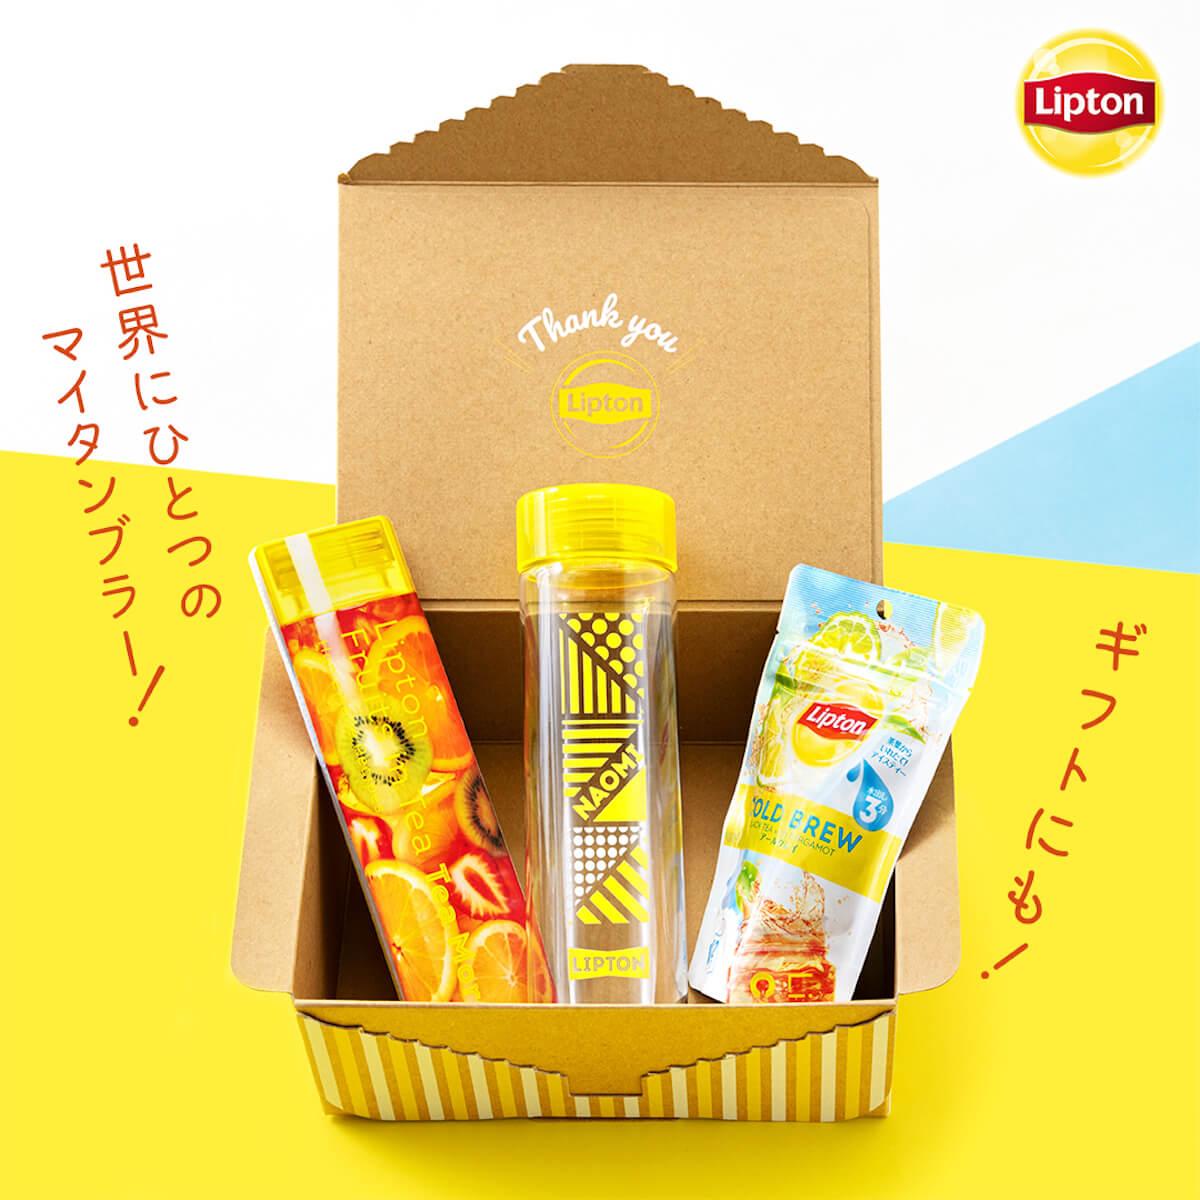 自由にカスタマイズ「新感覚アイスティーポップ」って? 「Fruits in Tea TEA MORE OMOTESANDO」期間限定オープン gourmet190613fruitsintea-omotesando_9